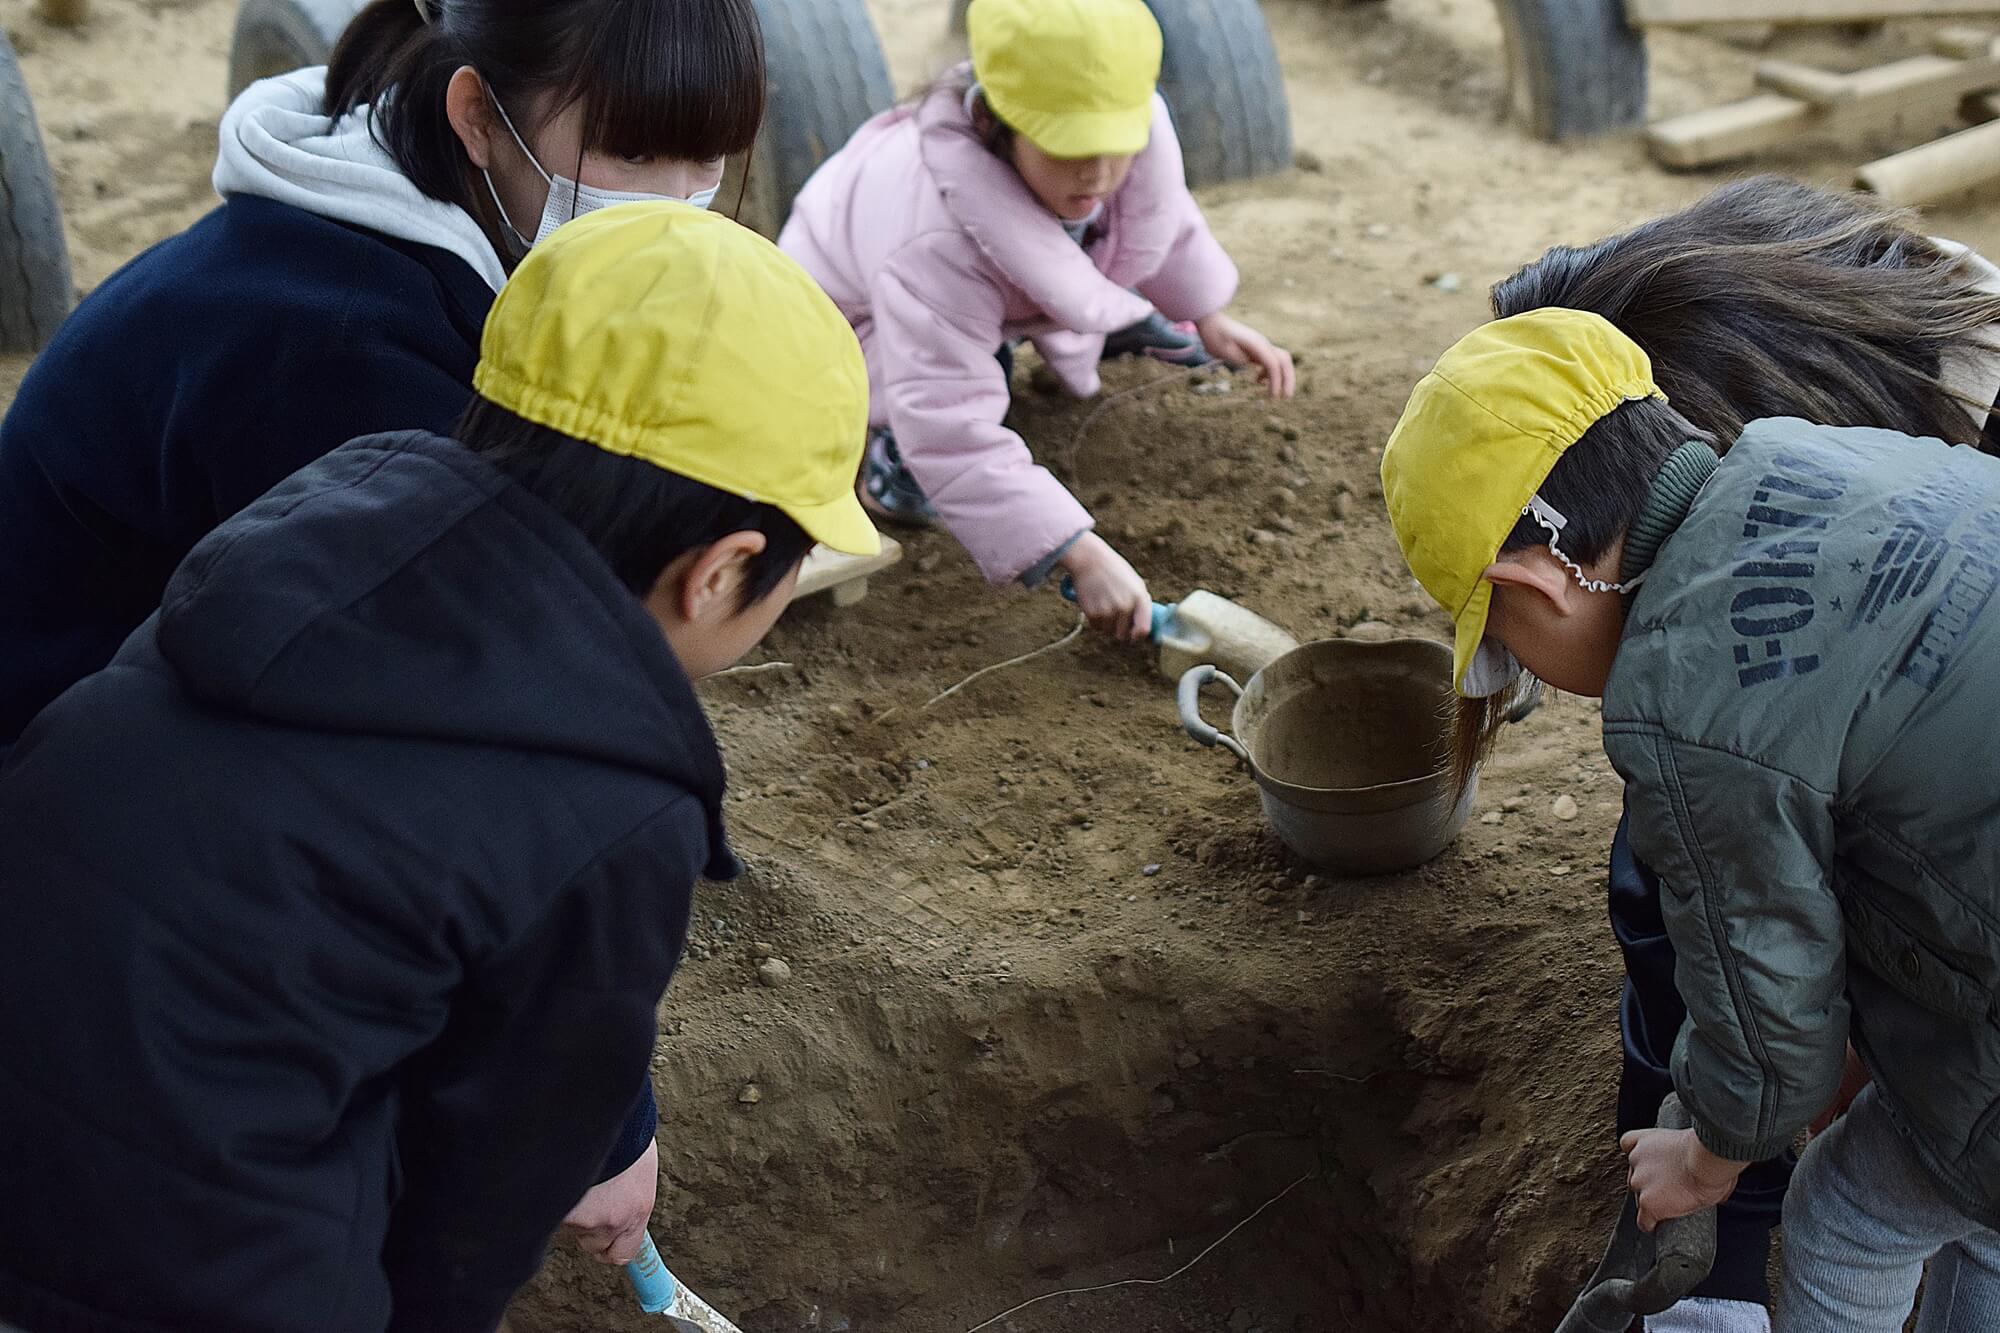 穴掘りを手伝う子どもたち